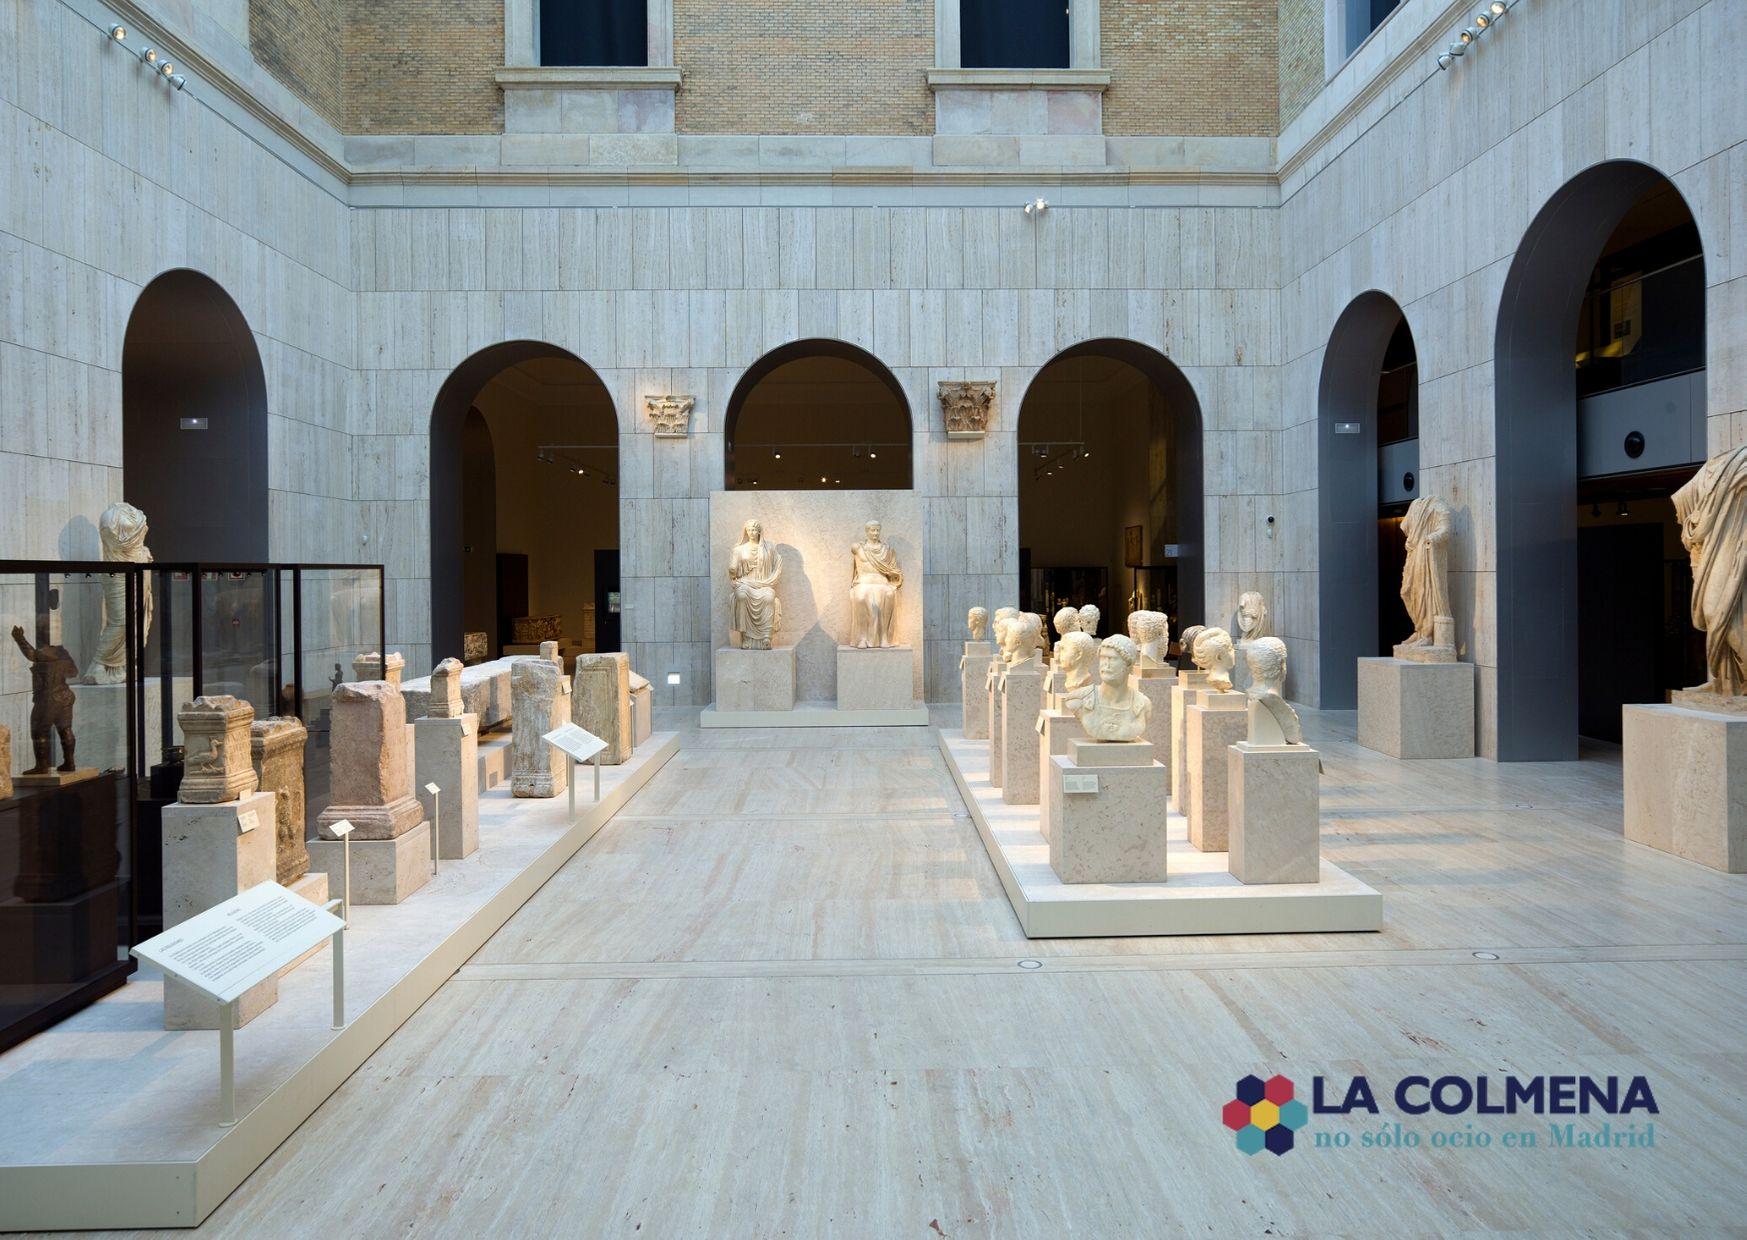 Sala del Museo Arqueológico Nacional de Madrid